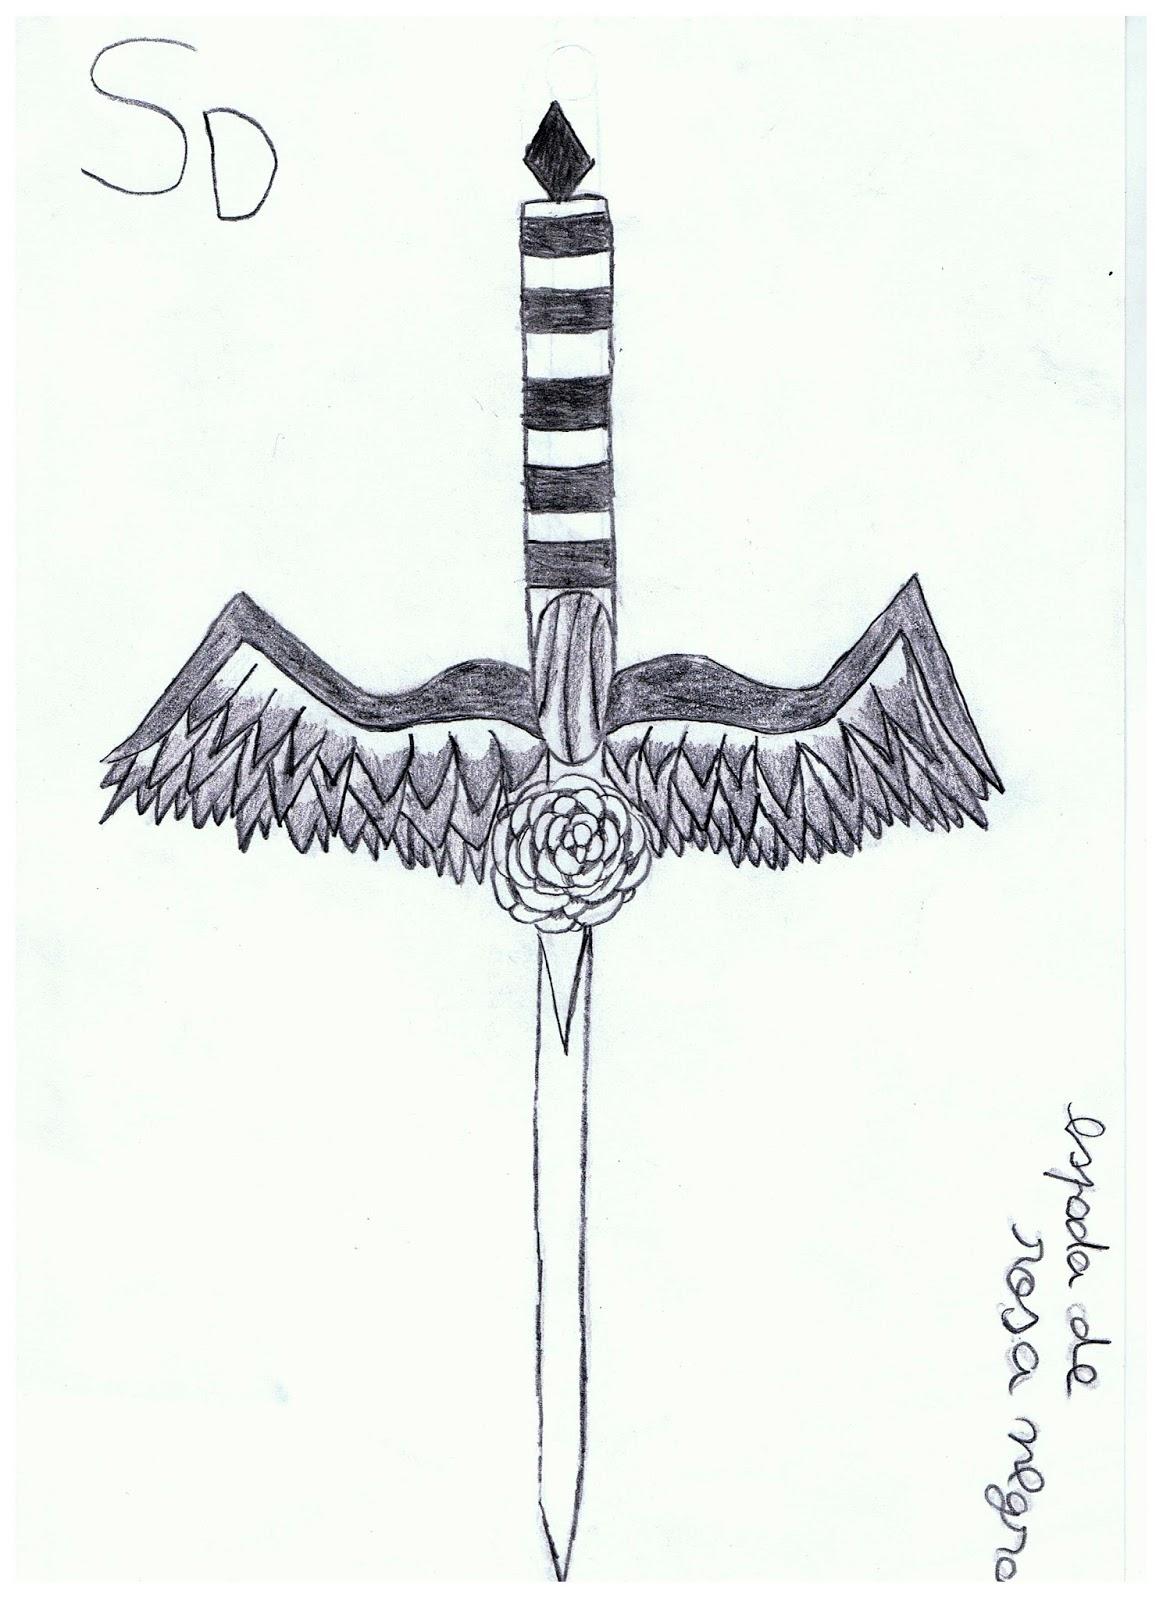 Sofia Desenho Espada Rosa Negra